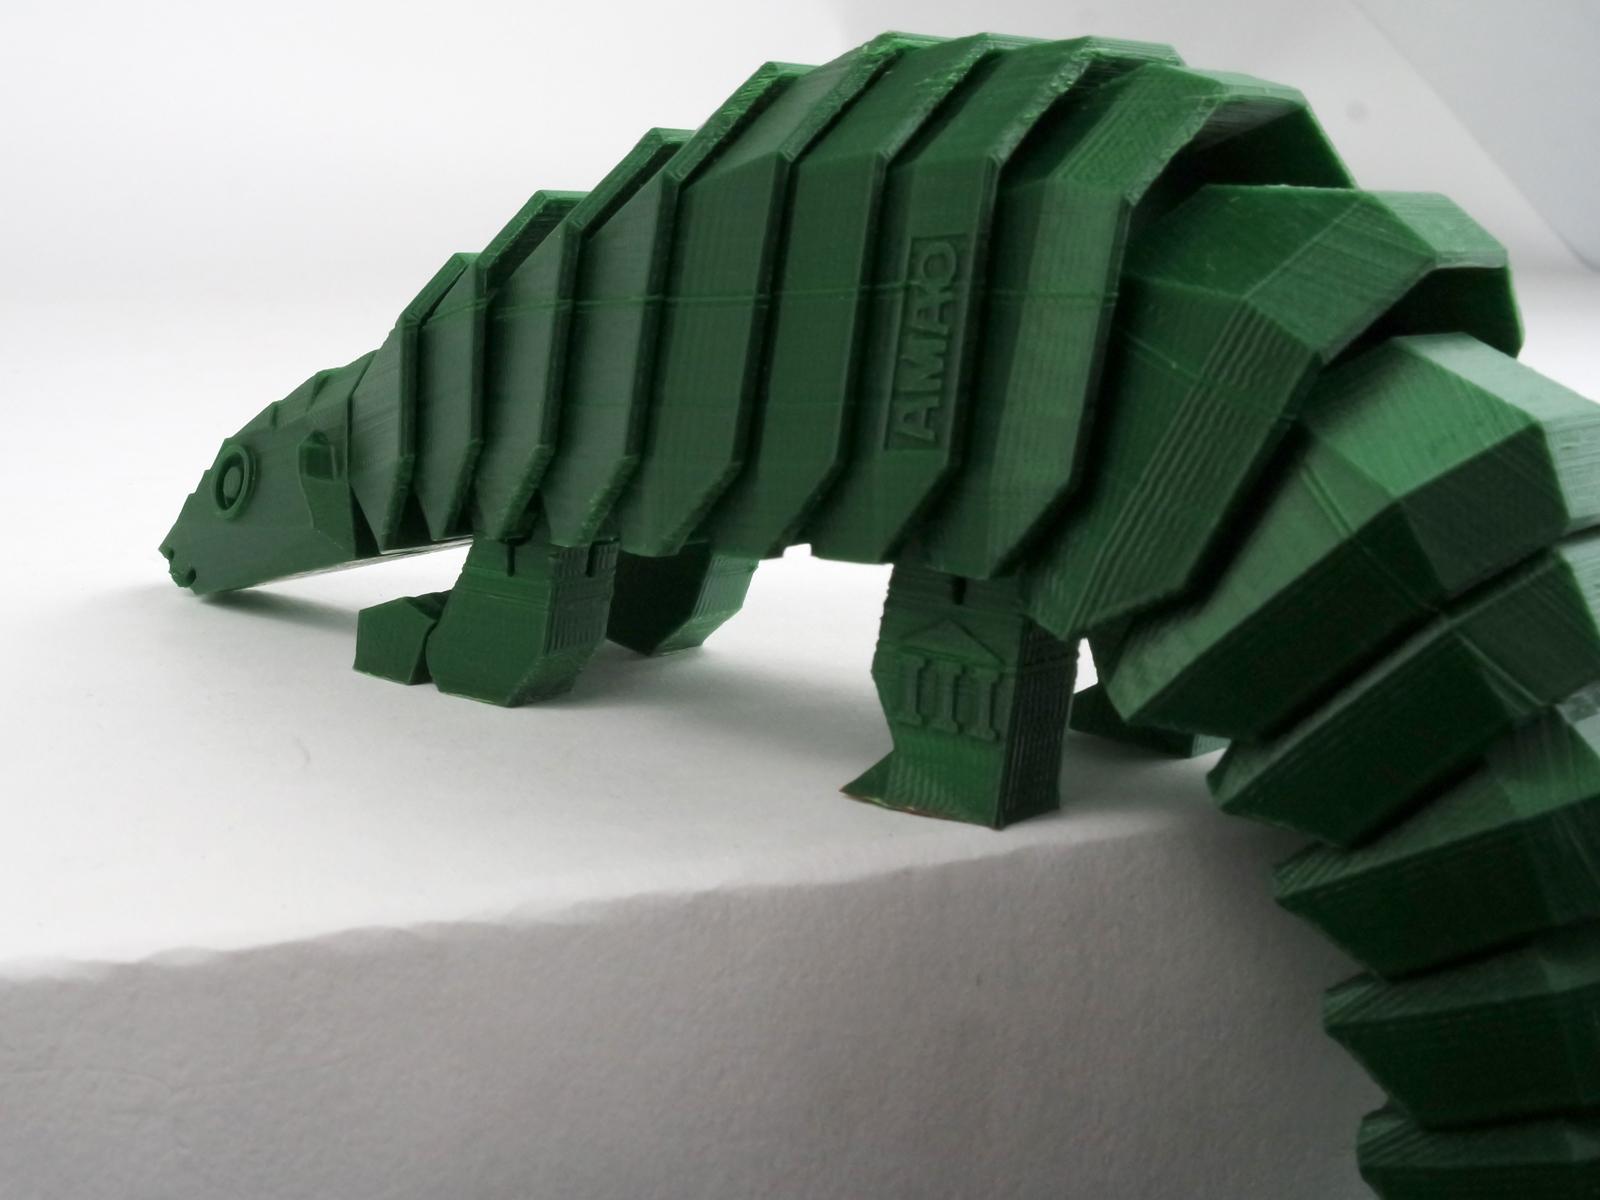 974bdc4917 A 3D nyomtatás sikerének alapja - IT café Nyomtató / 3D nyomtatás cikk